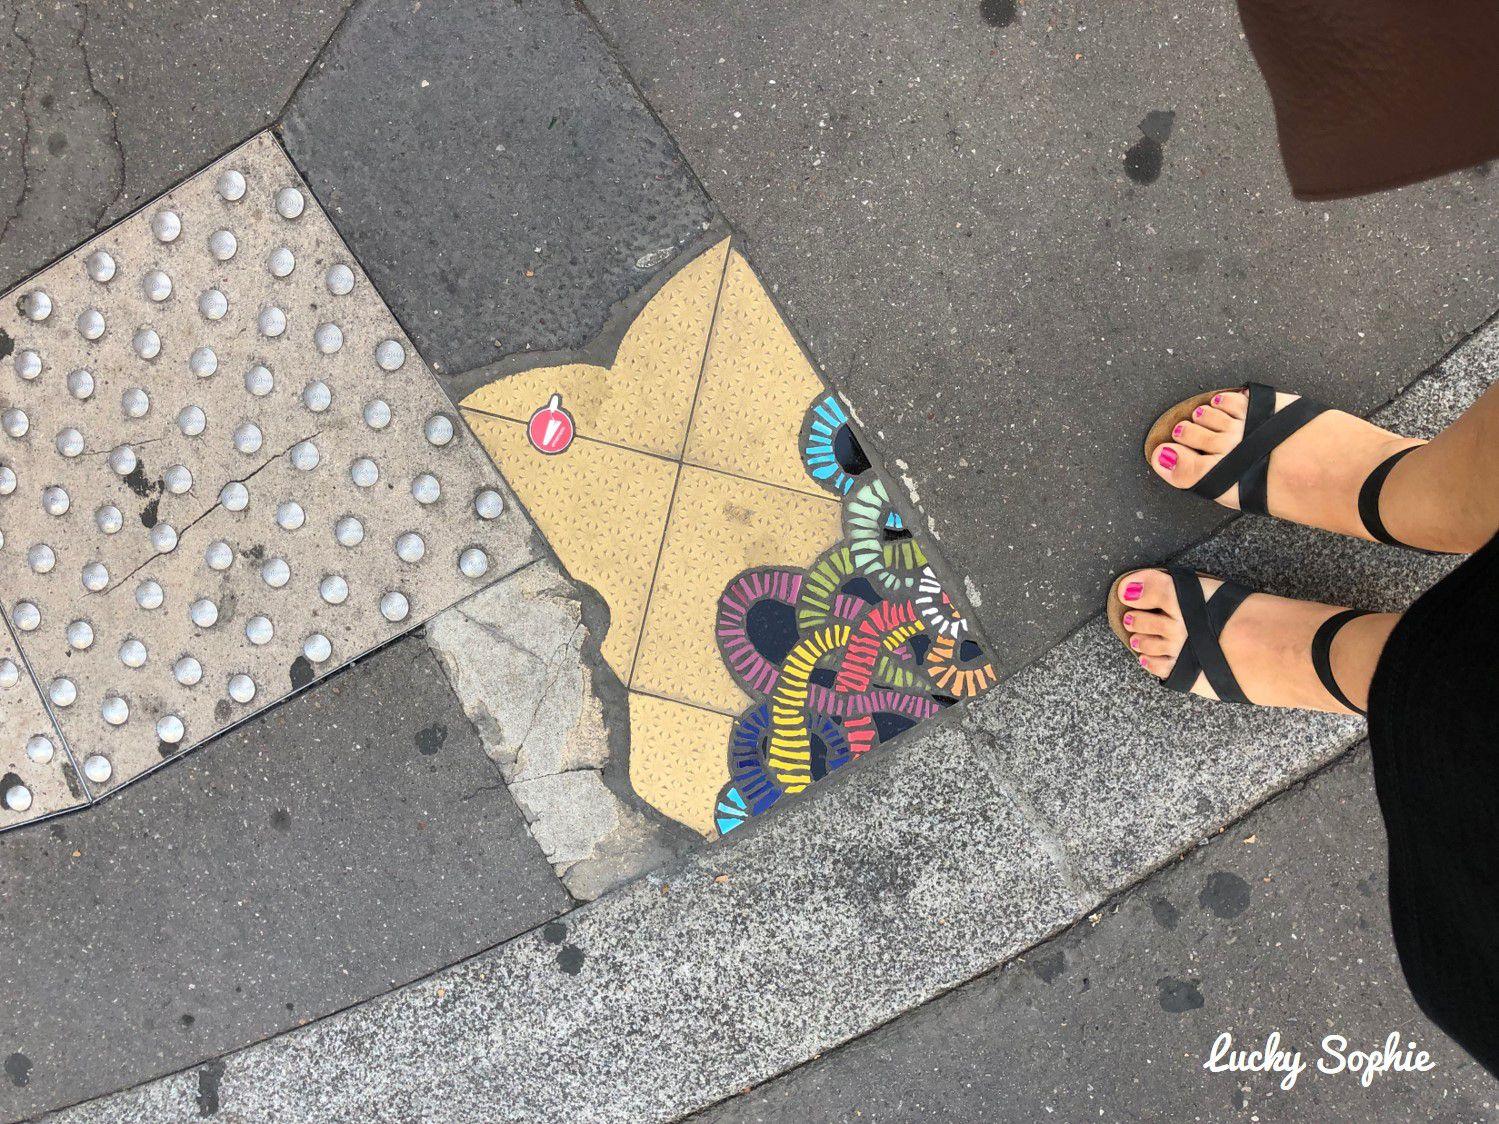 Art urbain, un city guide de Lyon !